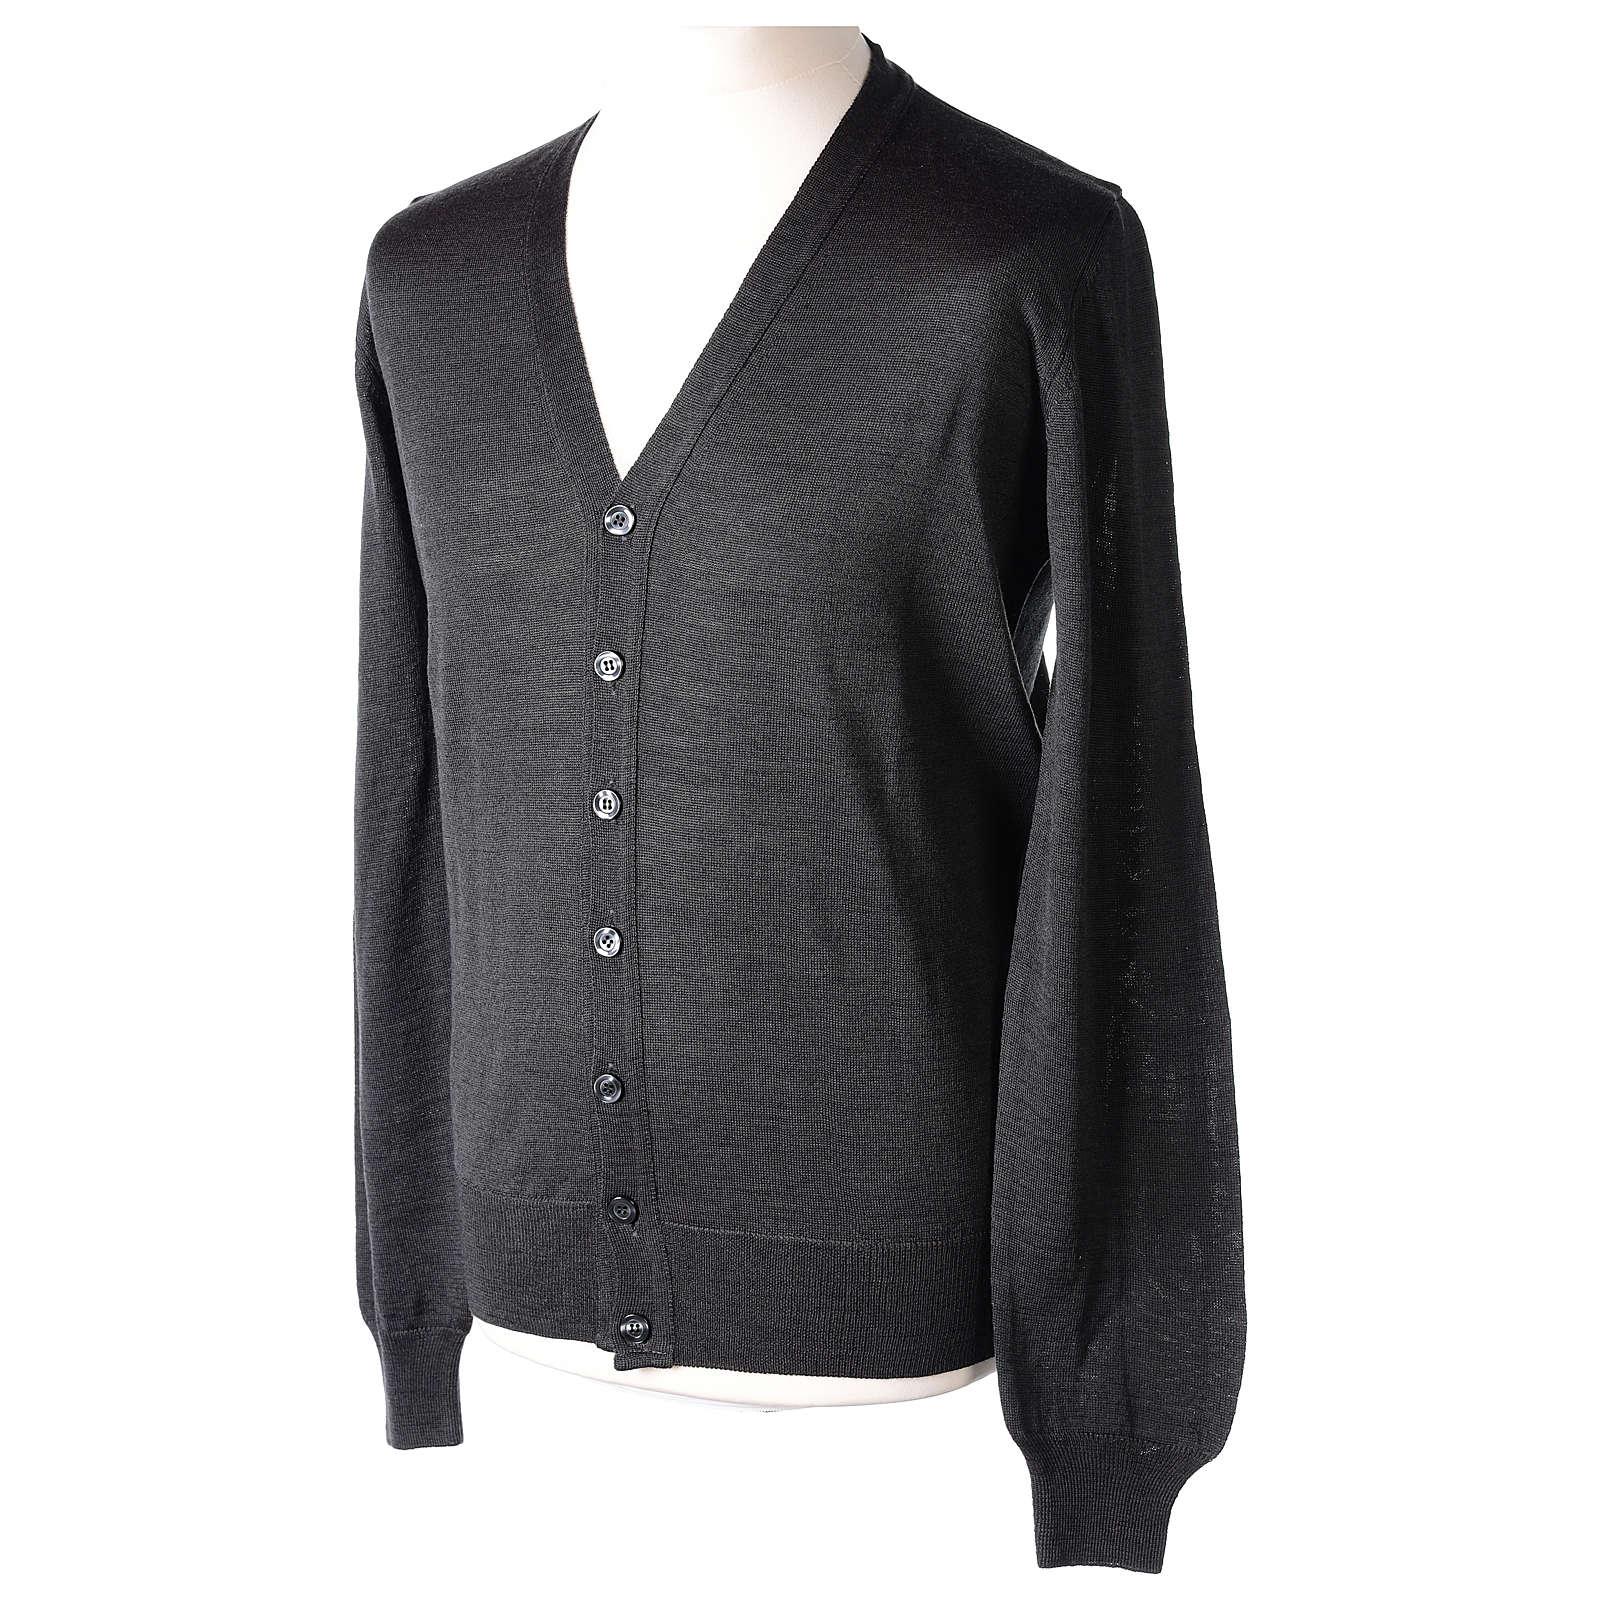 Giacca sacerdote grigio antracite bottoni maglia rasata 50% acrilico 50% lana merino In Primis 4